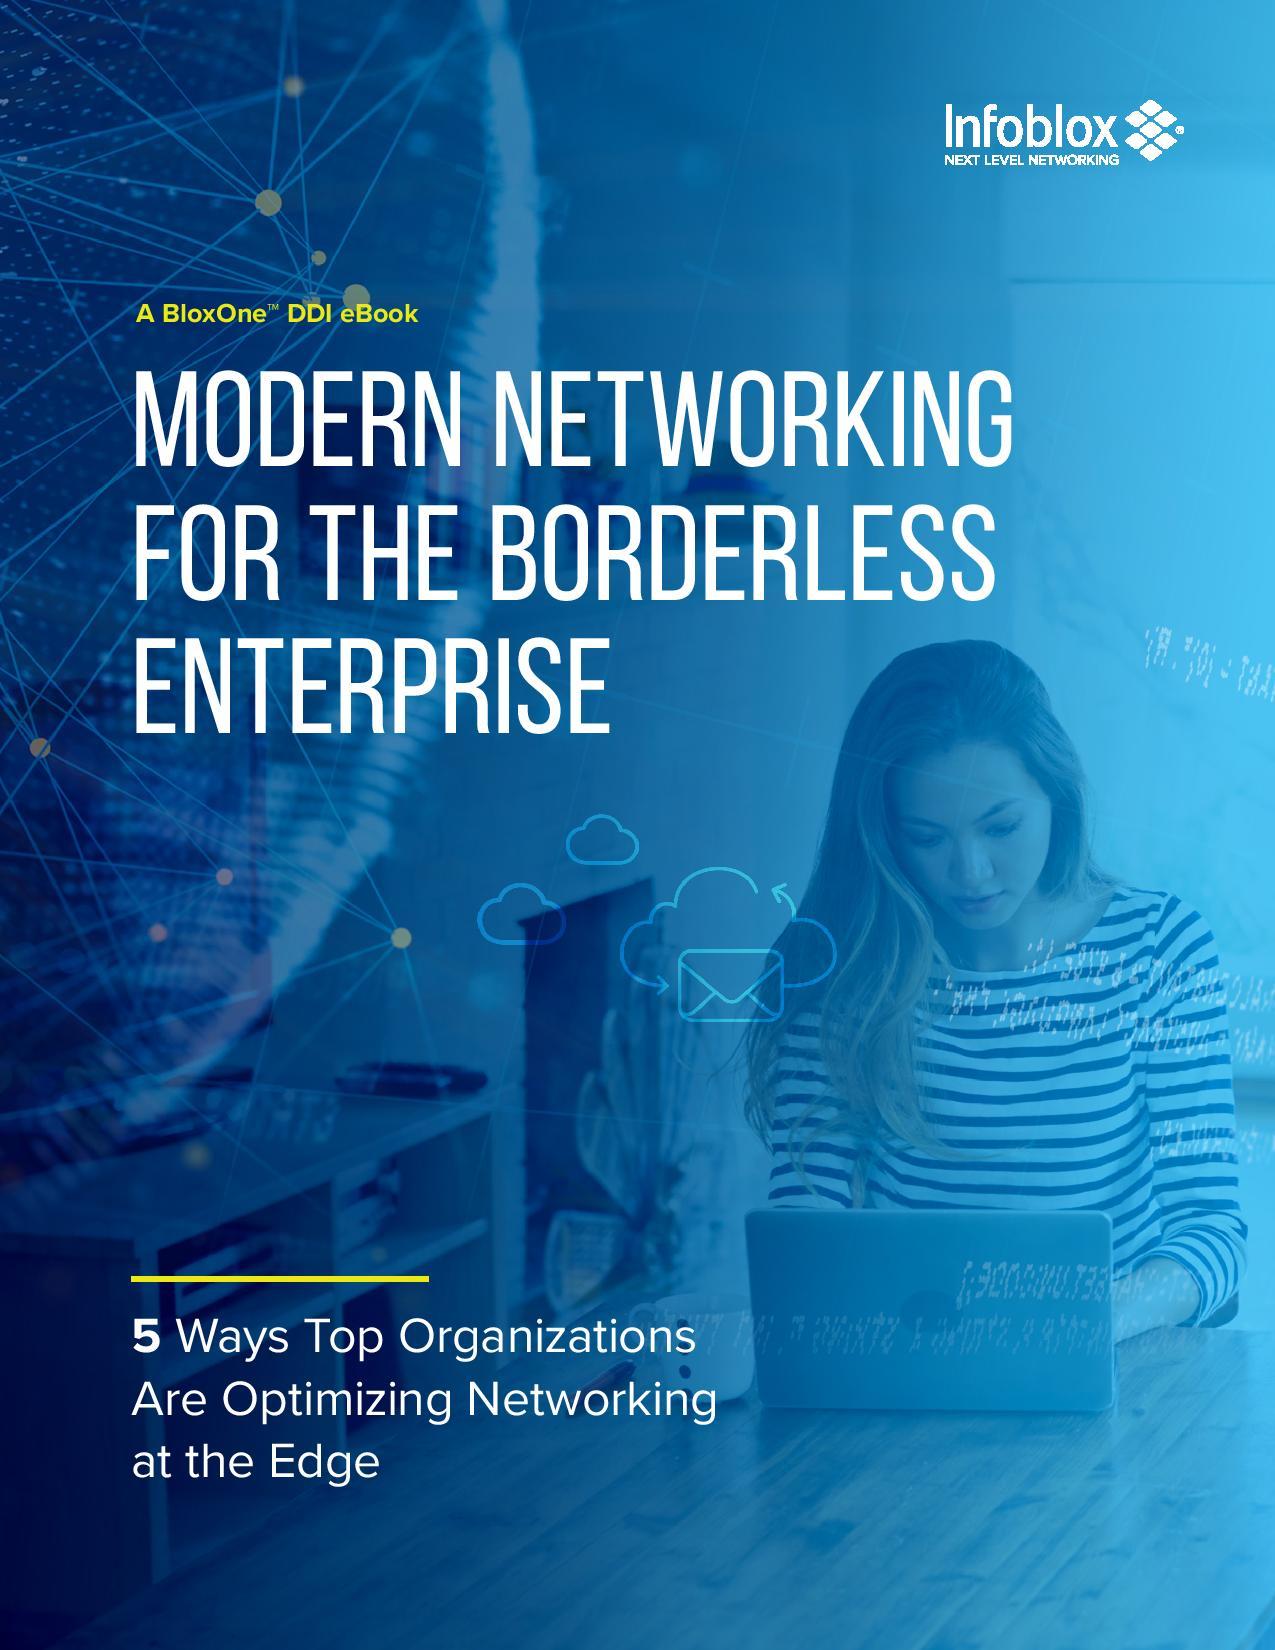 Le réseautage moderne pour l'entreprise sans frontière: 5 façons dont les entreprises les plus efficaces optimisent leur réseautage au bord